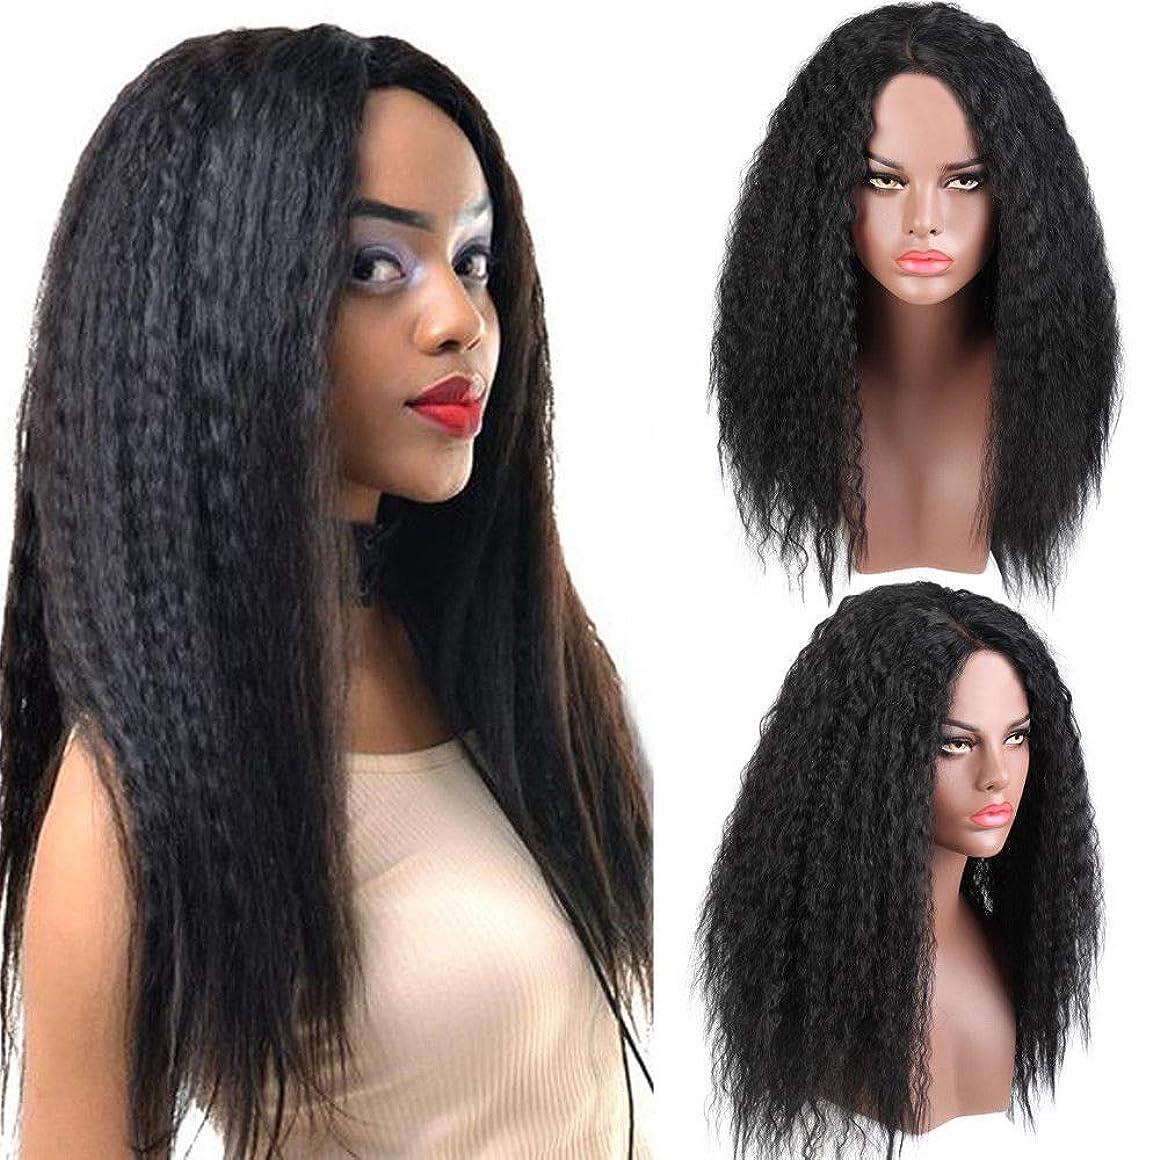 上記の頭と肩従順安心させるブラジルのレースフロント人毛ウィッグ女性180%密度本物の髪黒レースかつらで赤ん坊の毛髪自然な生え際24インチ